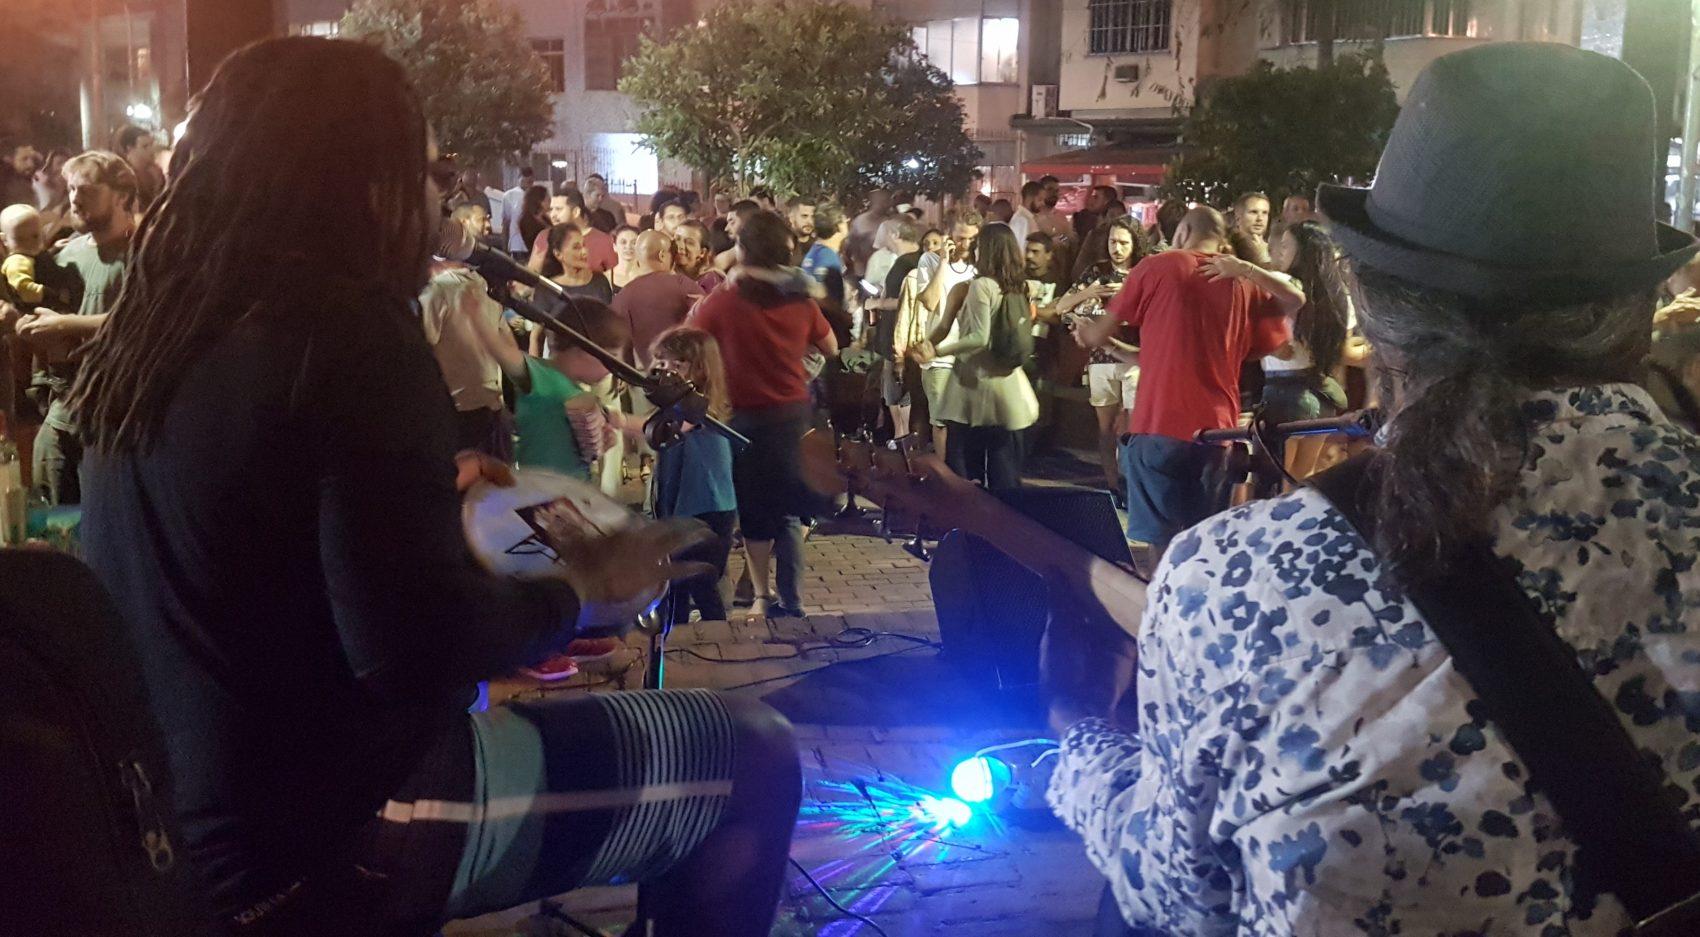 Casais dançam ao som de forró na Praça São Salvador: música entre o coreto e o chafariz (Foto: Oscar Valporto)